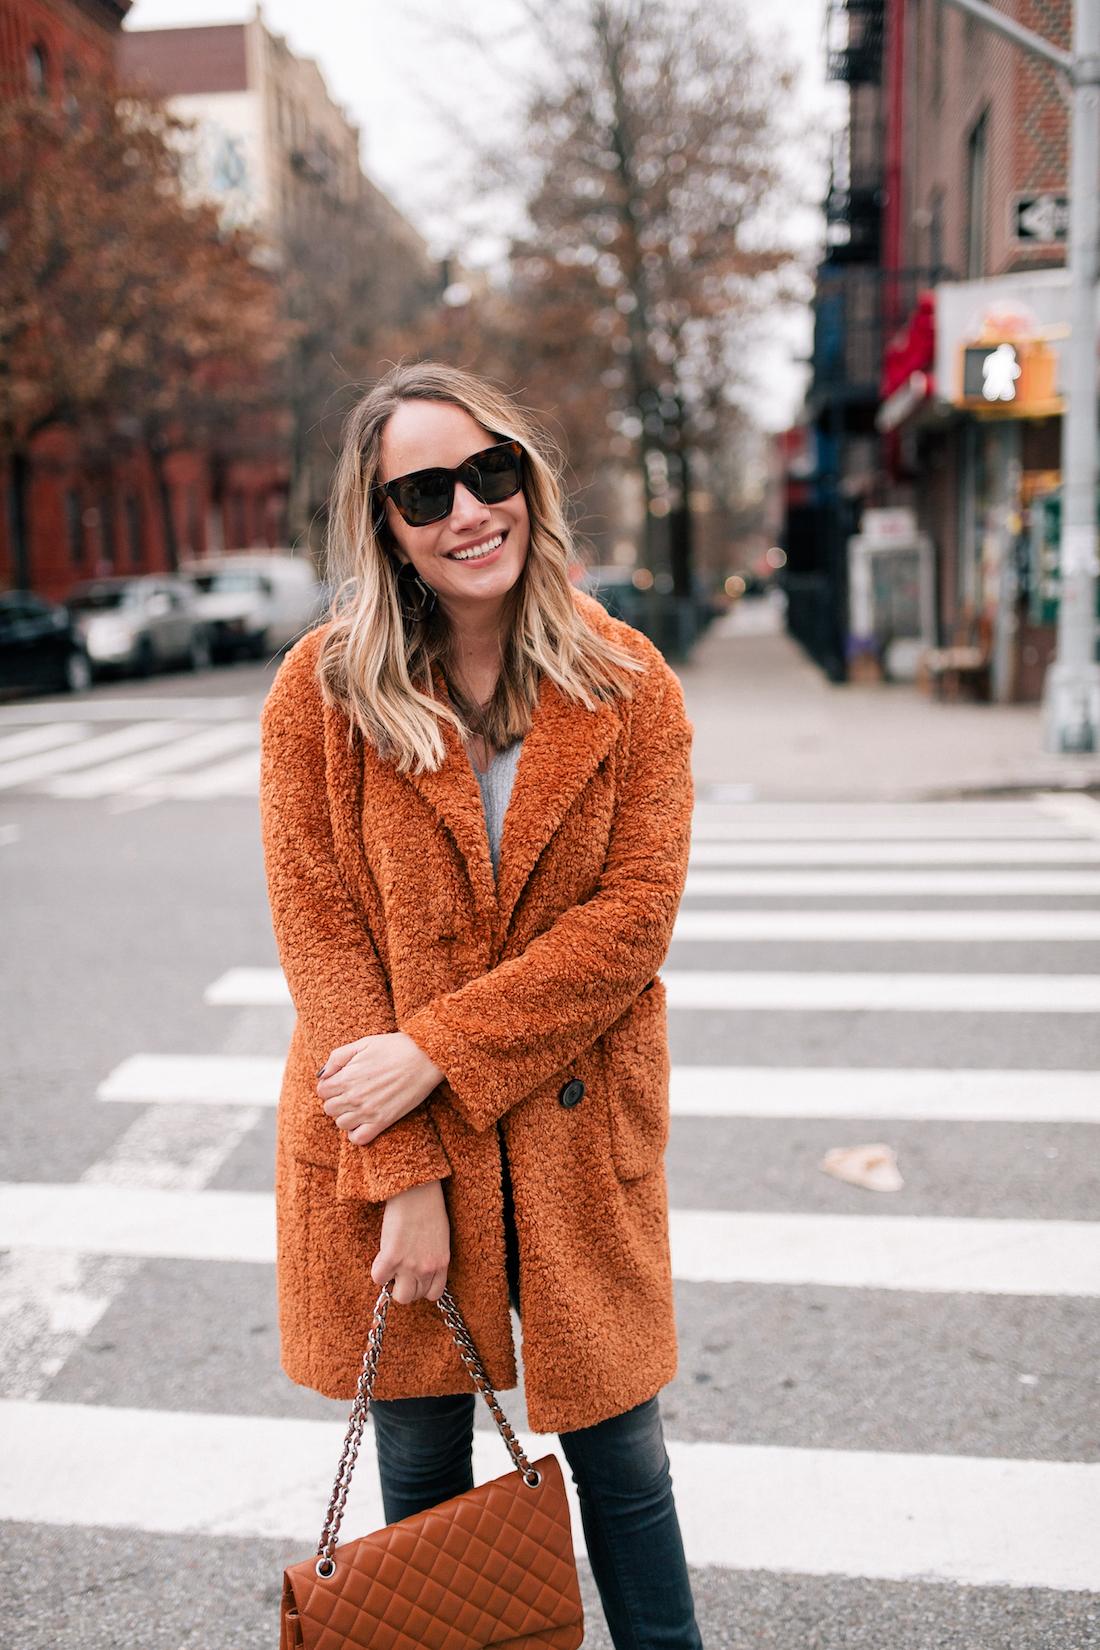 Outfit Details:Atlantic-Pacific x Halogen Teddy Coat // ASOS Sweater // Paige Jeans // Celine Sunglasses // Rachel Comey Factor Earrings